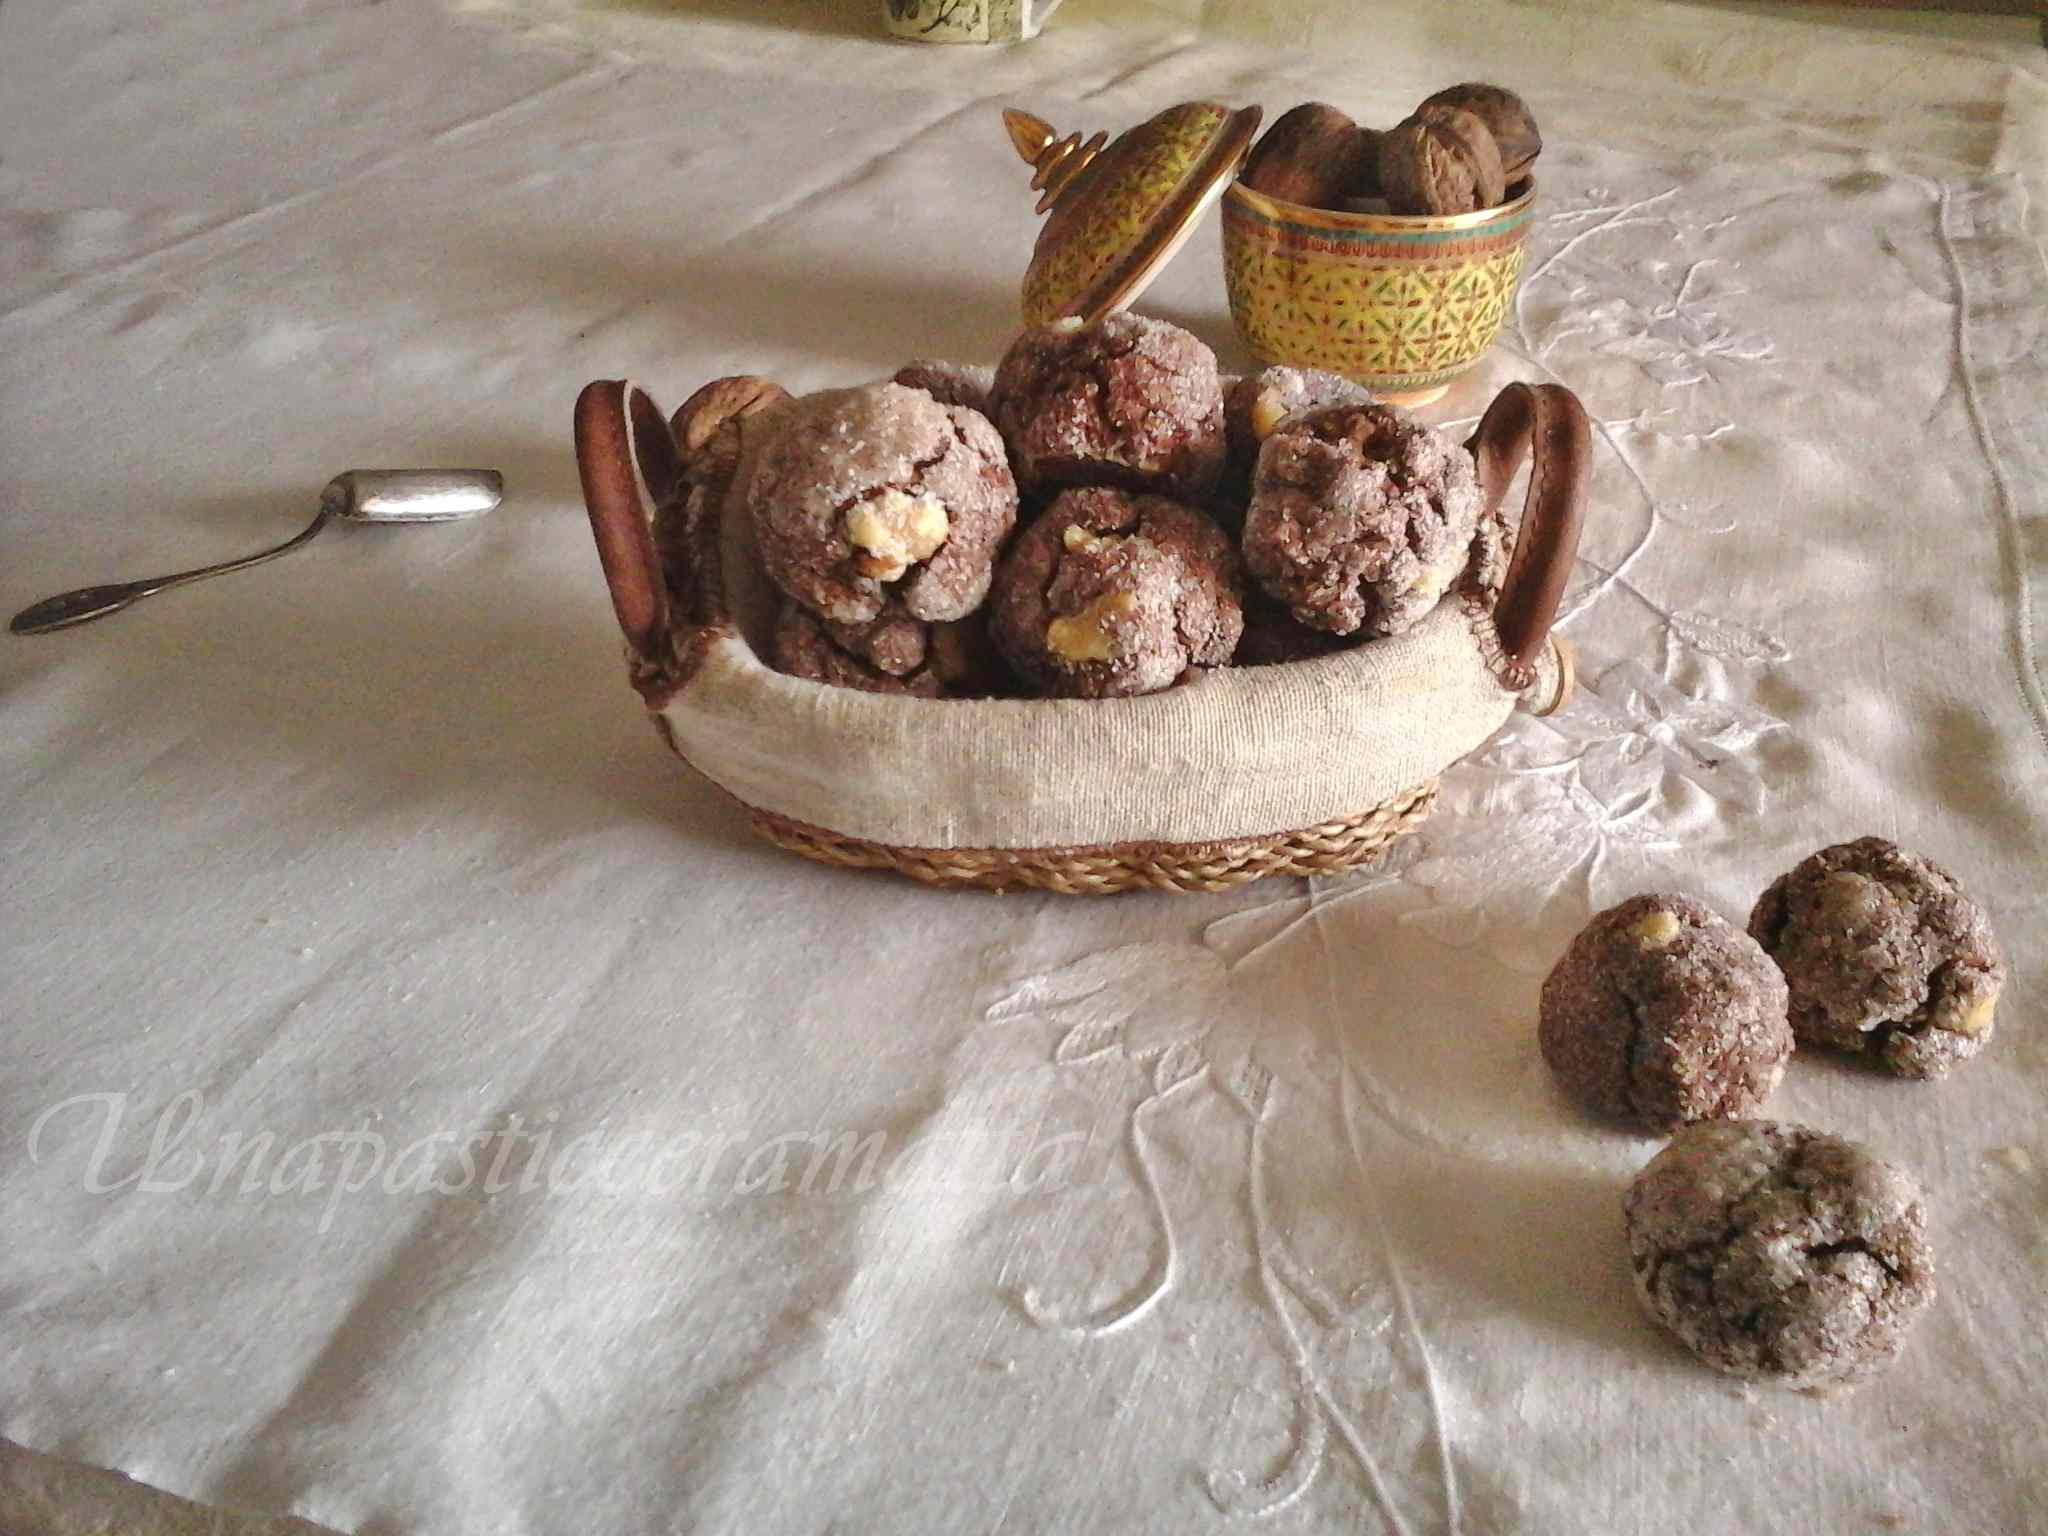 Ricetta: Biscotti con albumi noci e cacao